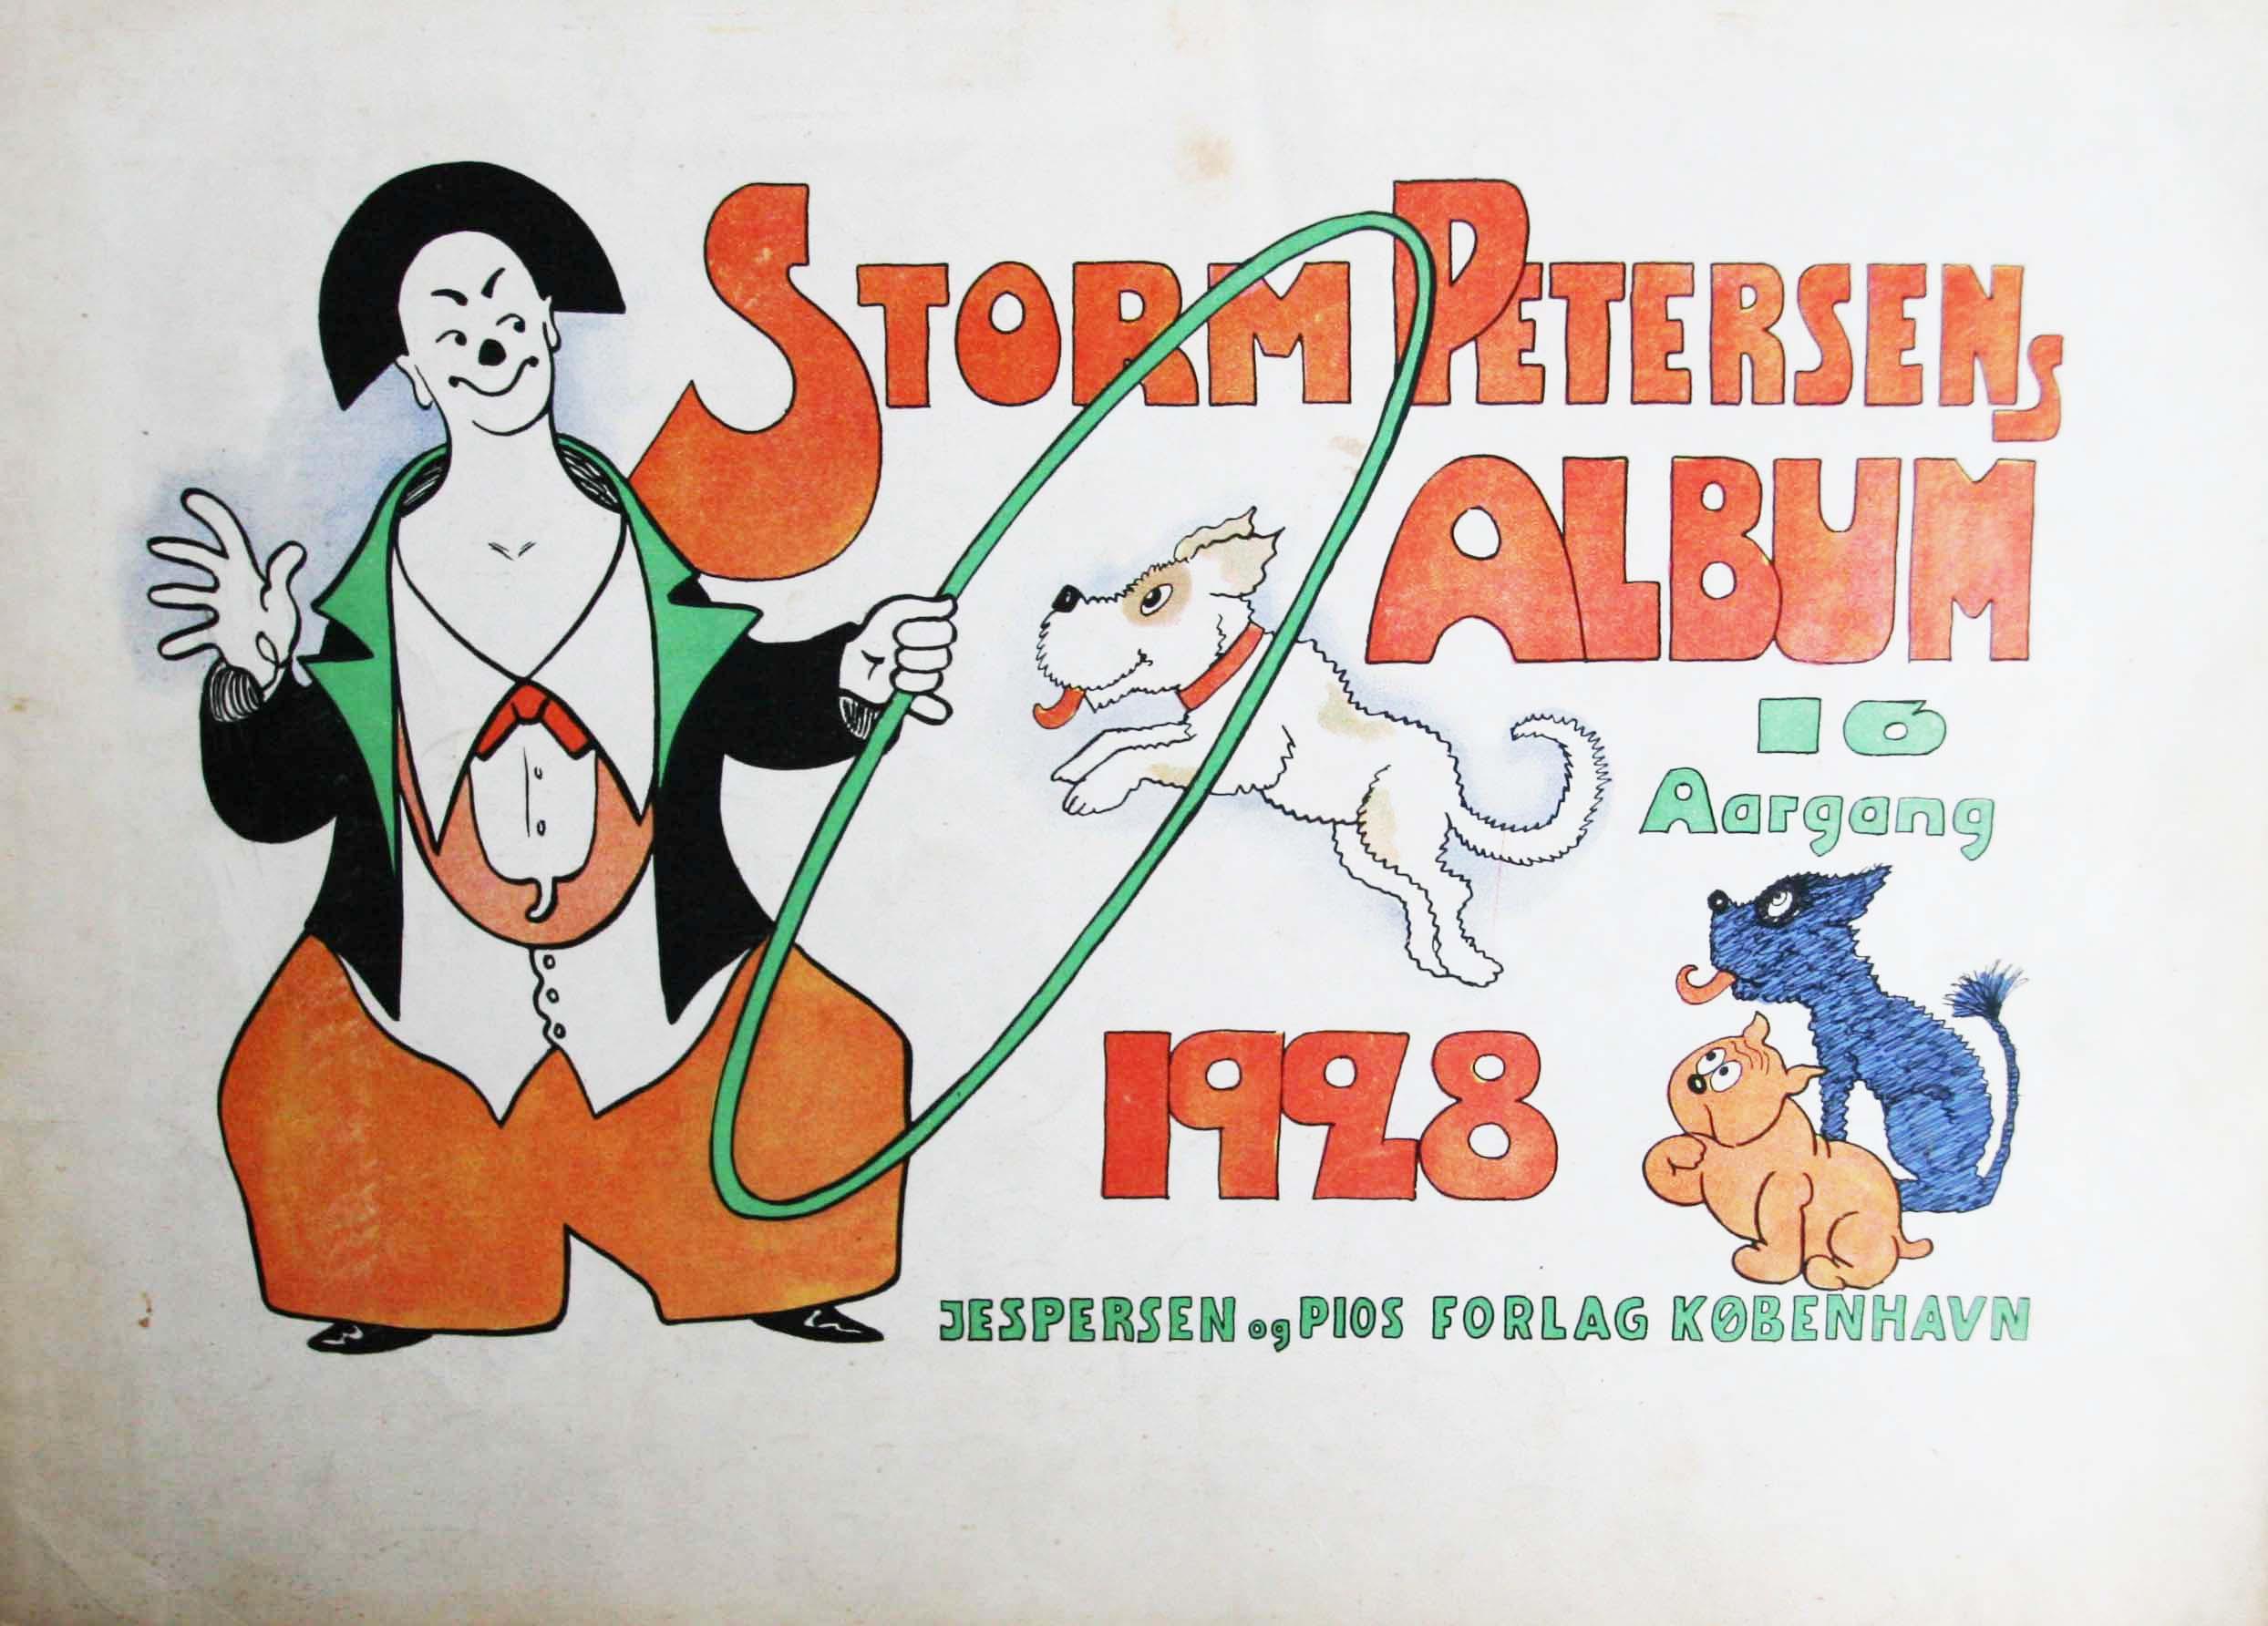 Robert Storm Petersen Storm P. Album 1928